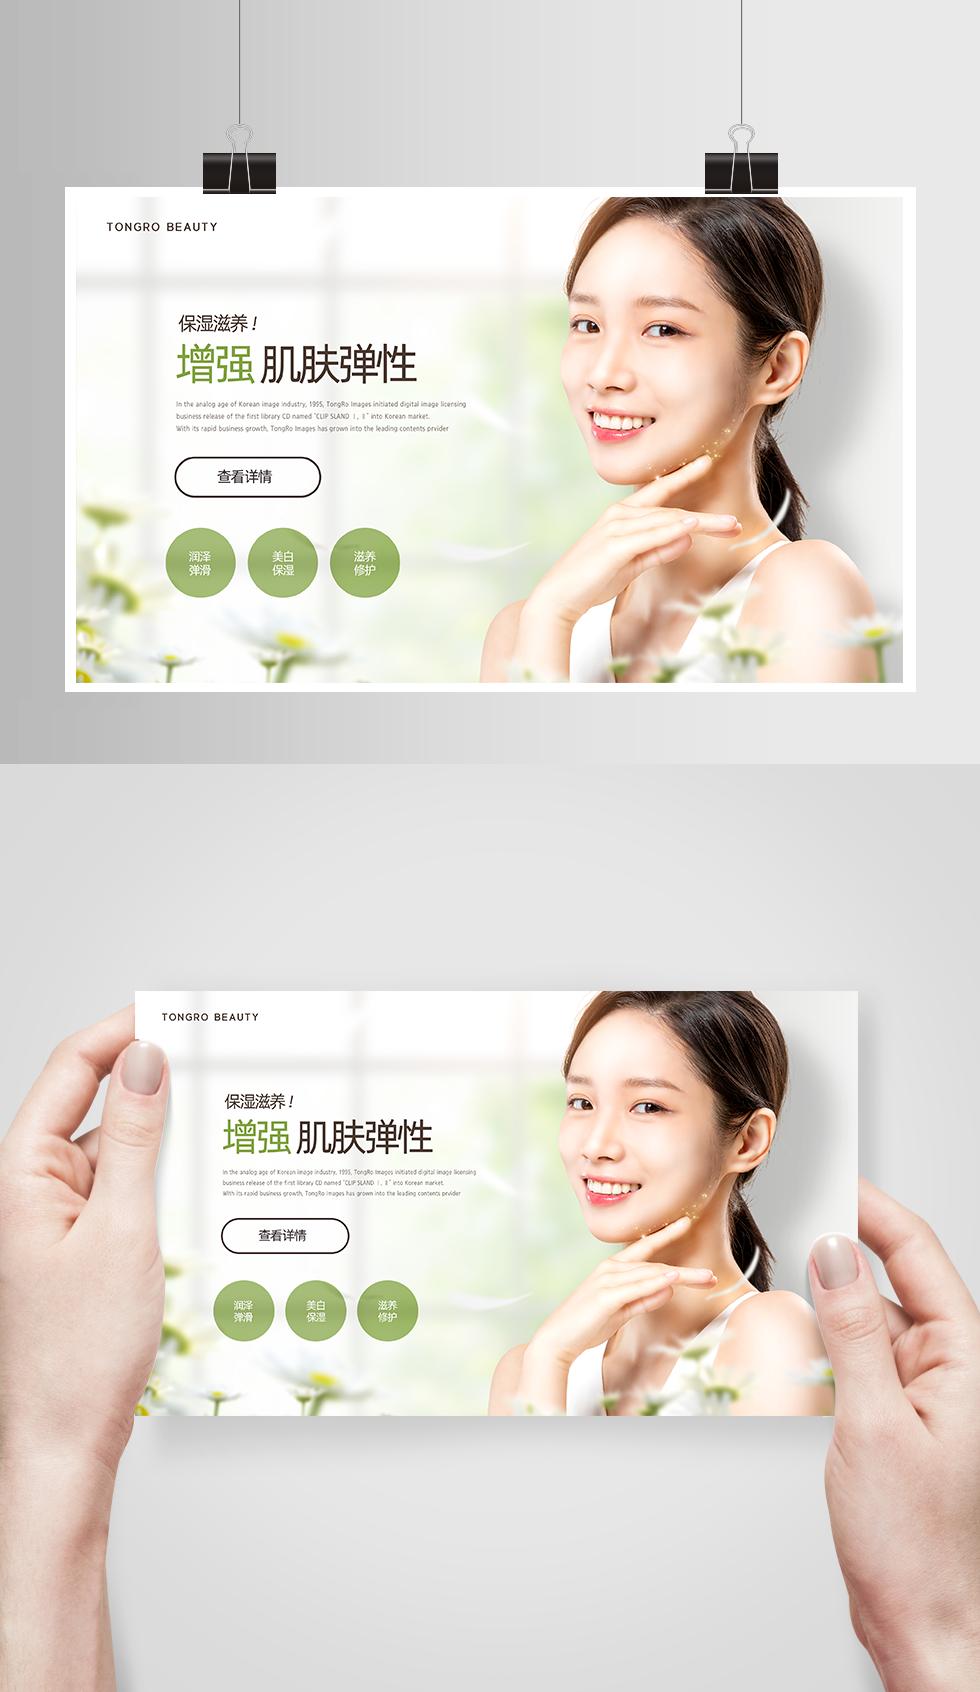 保湿滋养增强肌肤弹性美女化妆品海报设计素材源文件